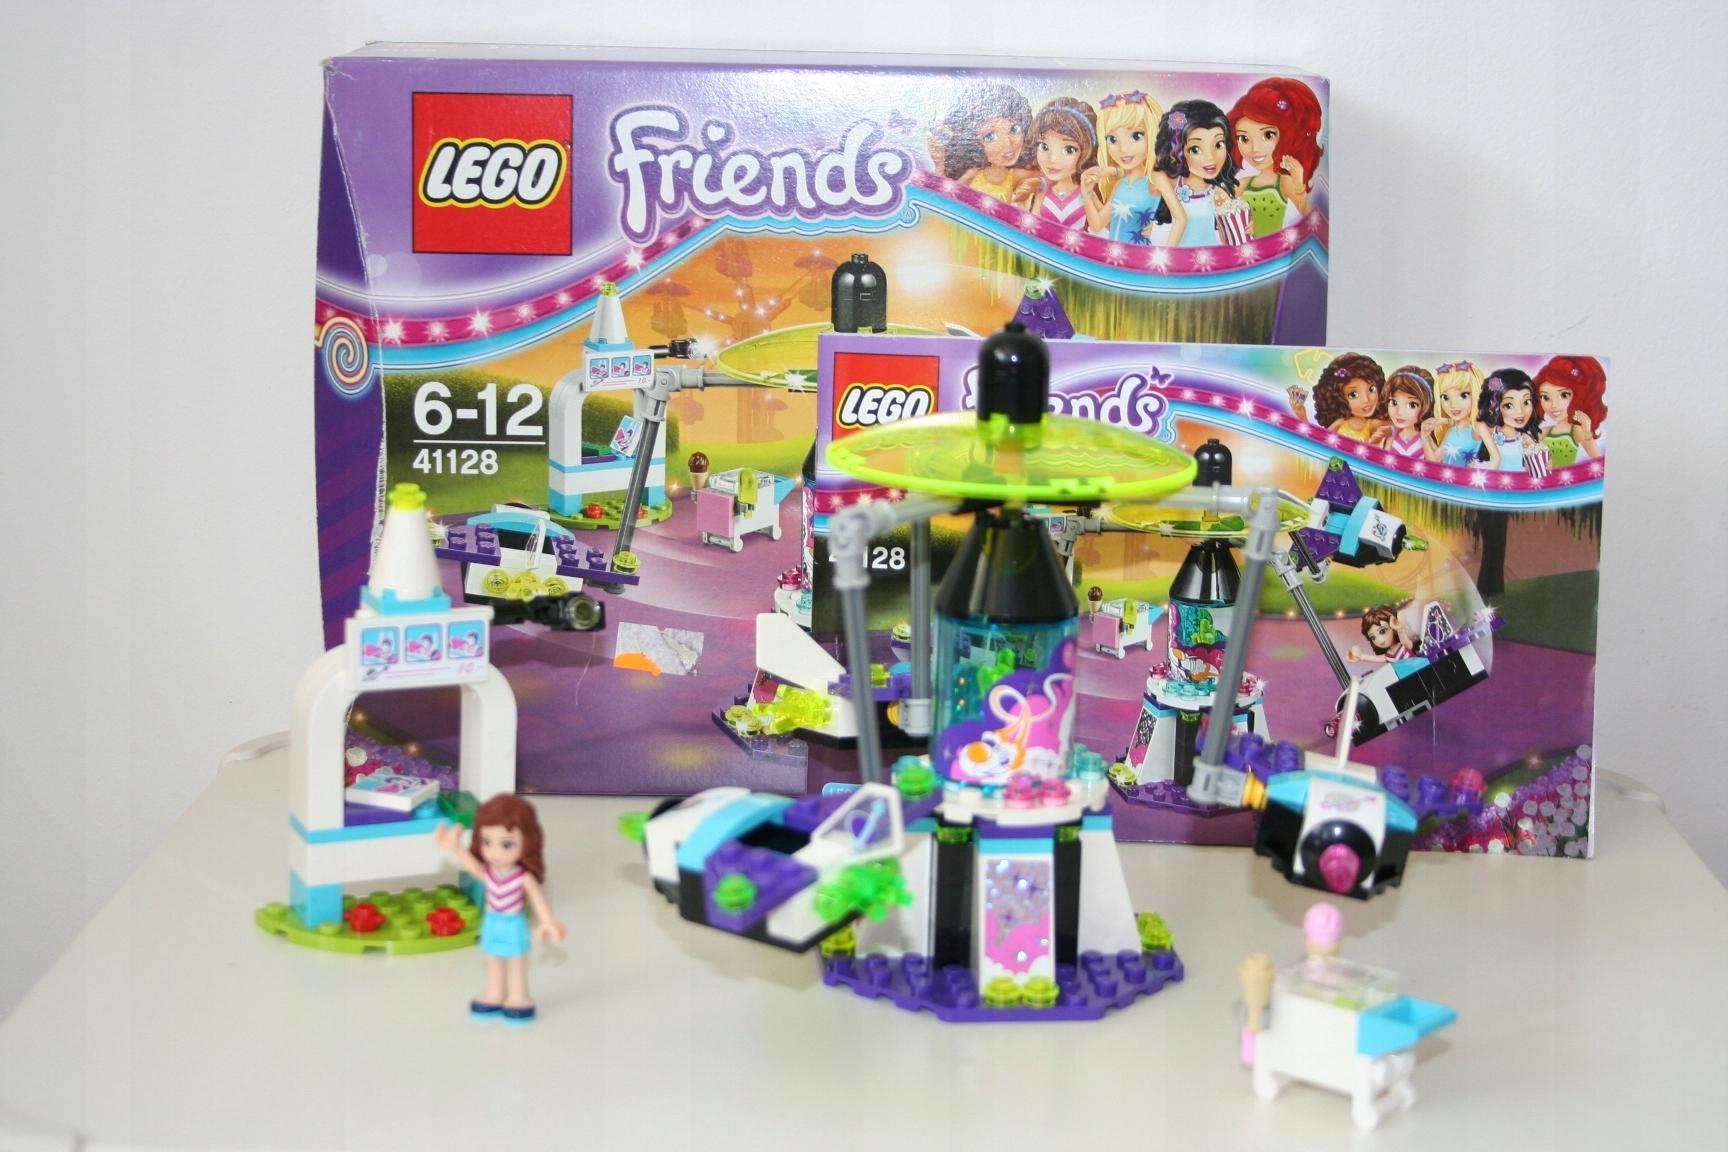 Lego Cena Od 50 Cena Do 100 W Oficjalnym Archiwum Allegro Archiwum